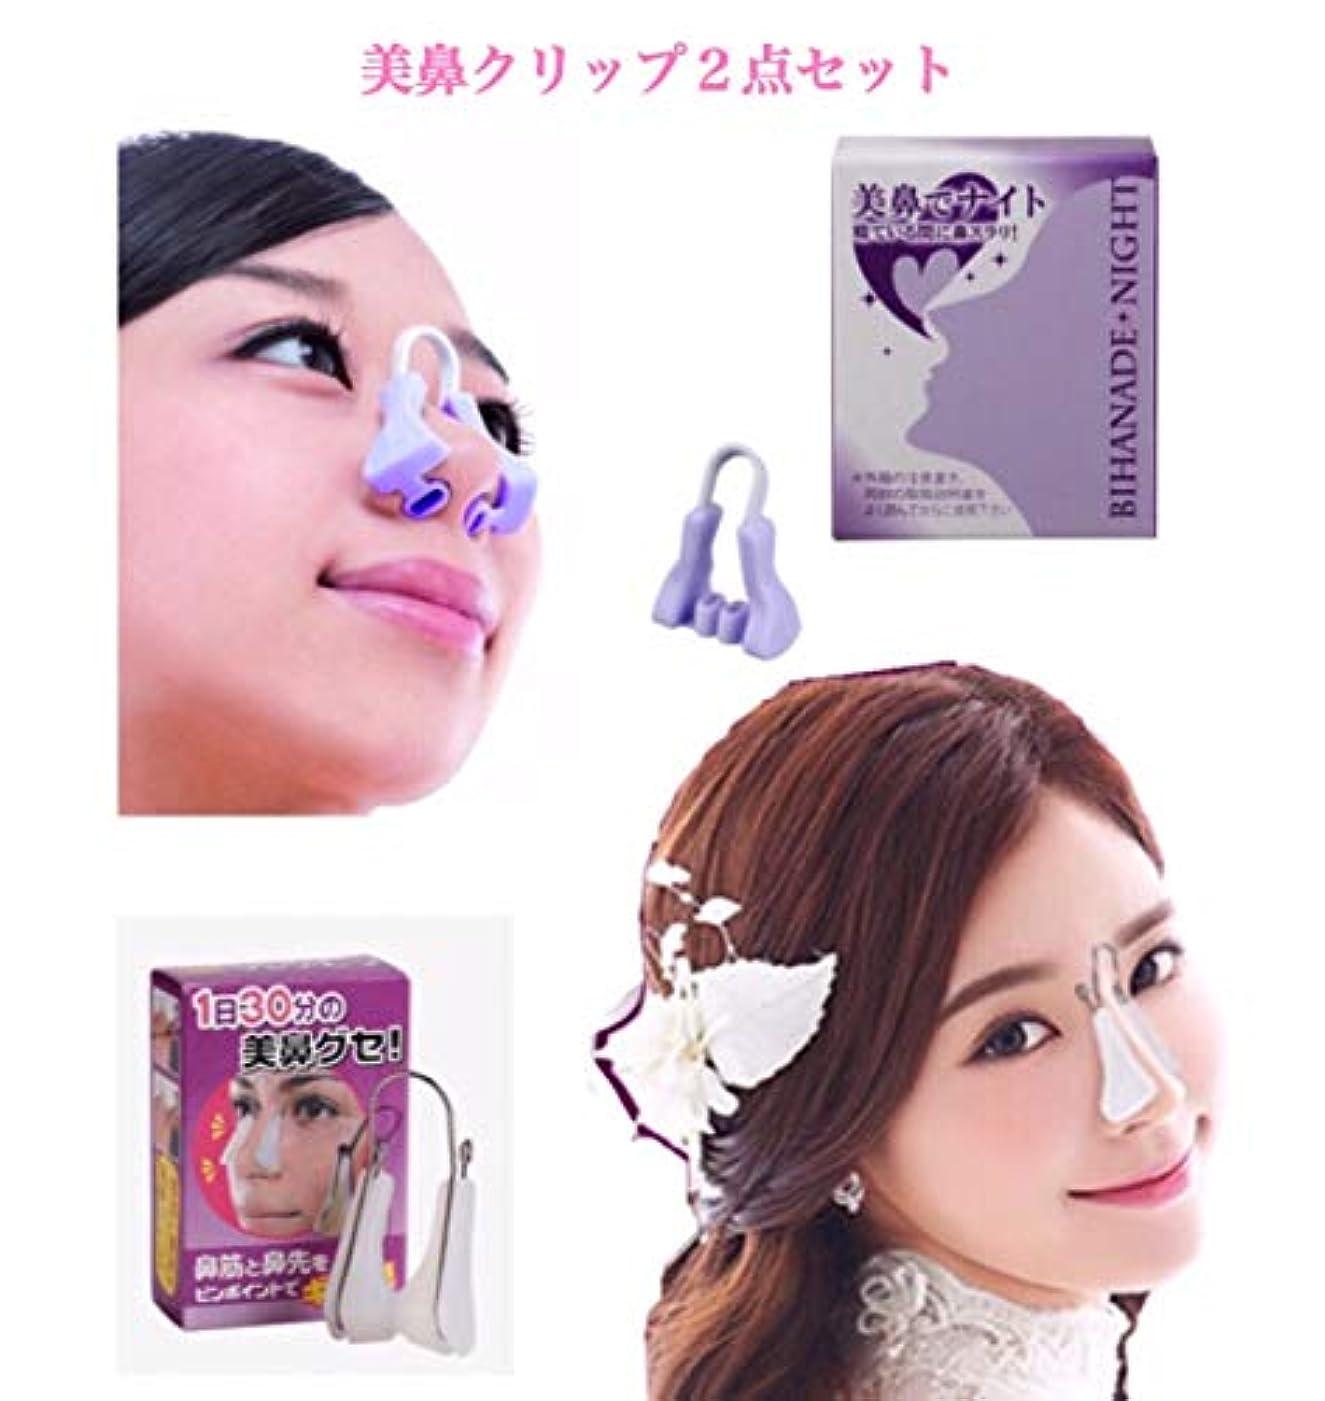 シニス毎月起こりやすいTrust Contact 美鼻クリップ 2点セット 美鼻 鼻筋 矯正 鼻プチ